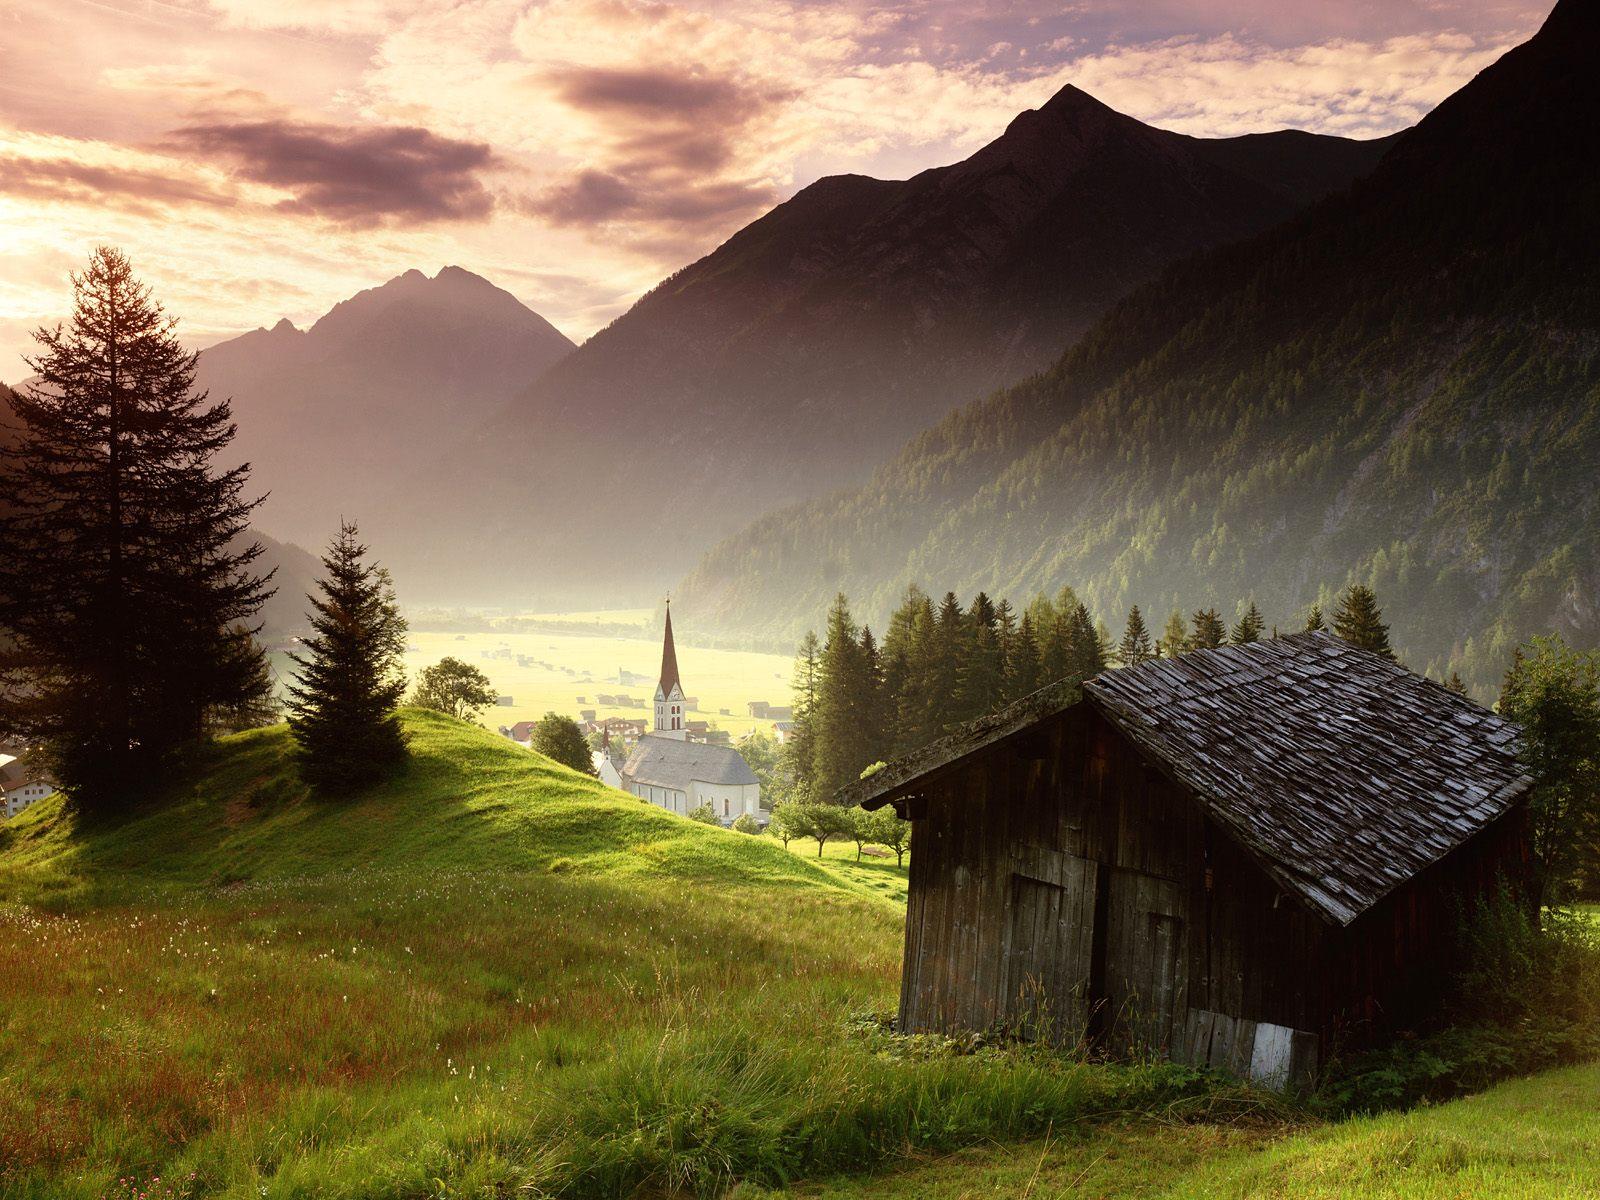 http://2.bp.blogspot.com/-Ja88ByFsiR4/TcEv2vKQp3I/AAAAAAAAAUE/01fX6GmBoD8/s1600/Misty-Mountain-Village-Tyrol-Austria-1-1600x1200.jpg